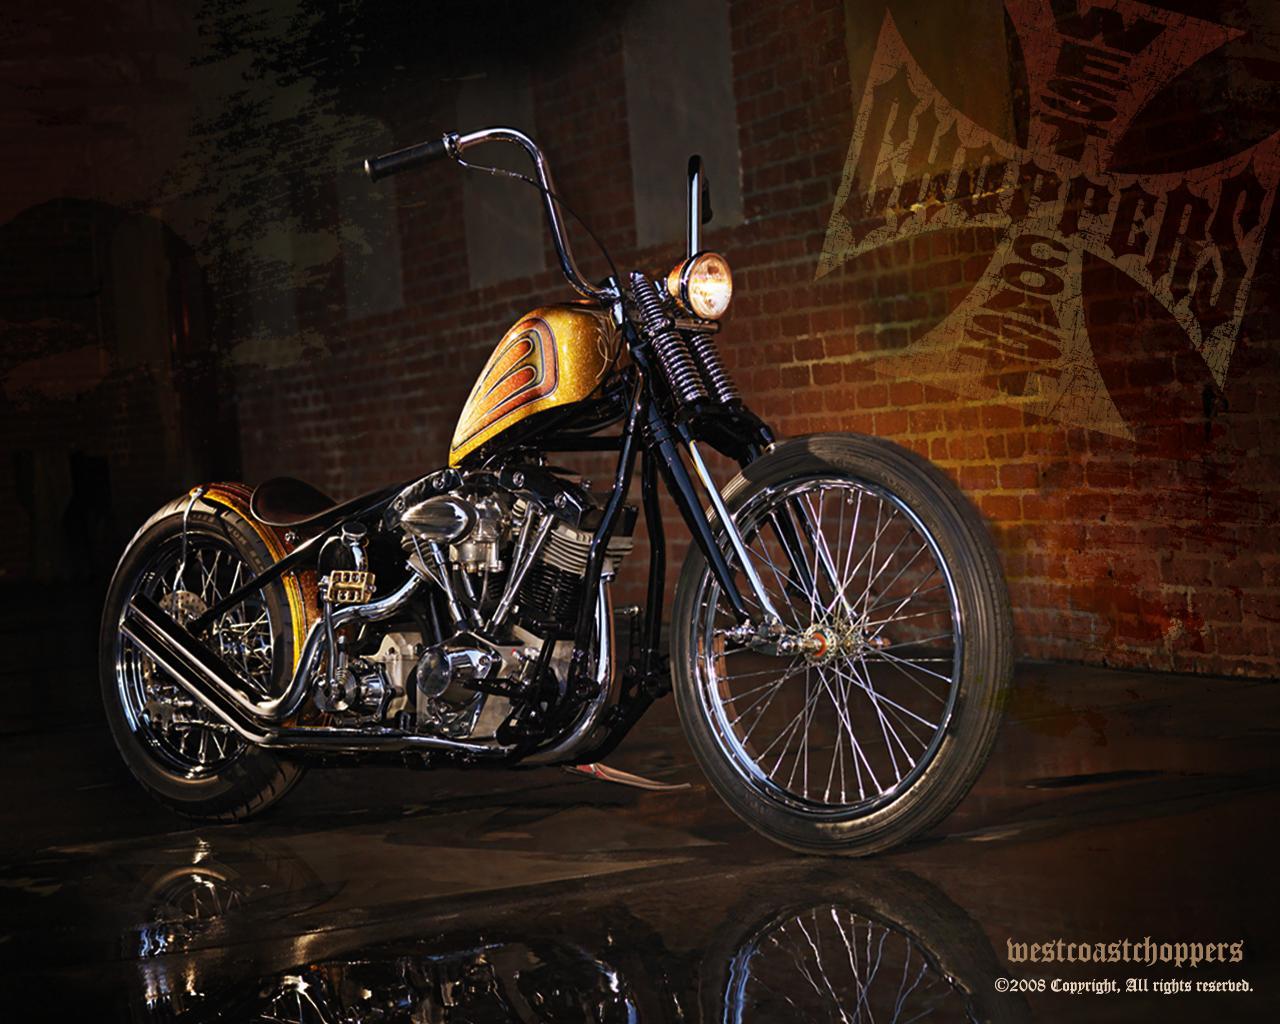 Motos Chopper HD   Taringa 1280x1024